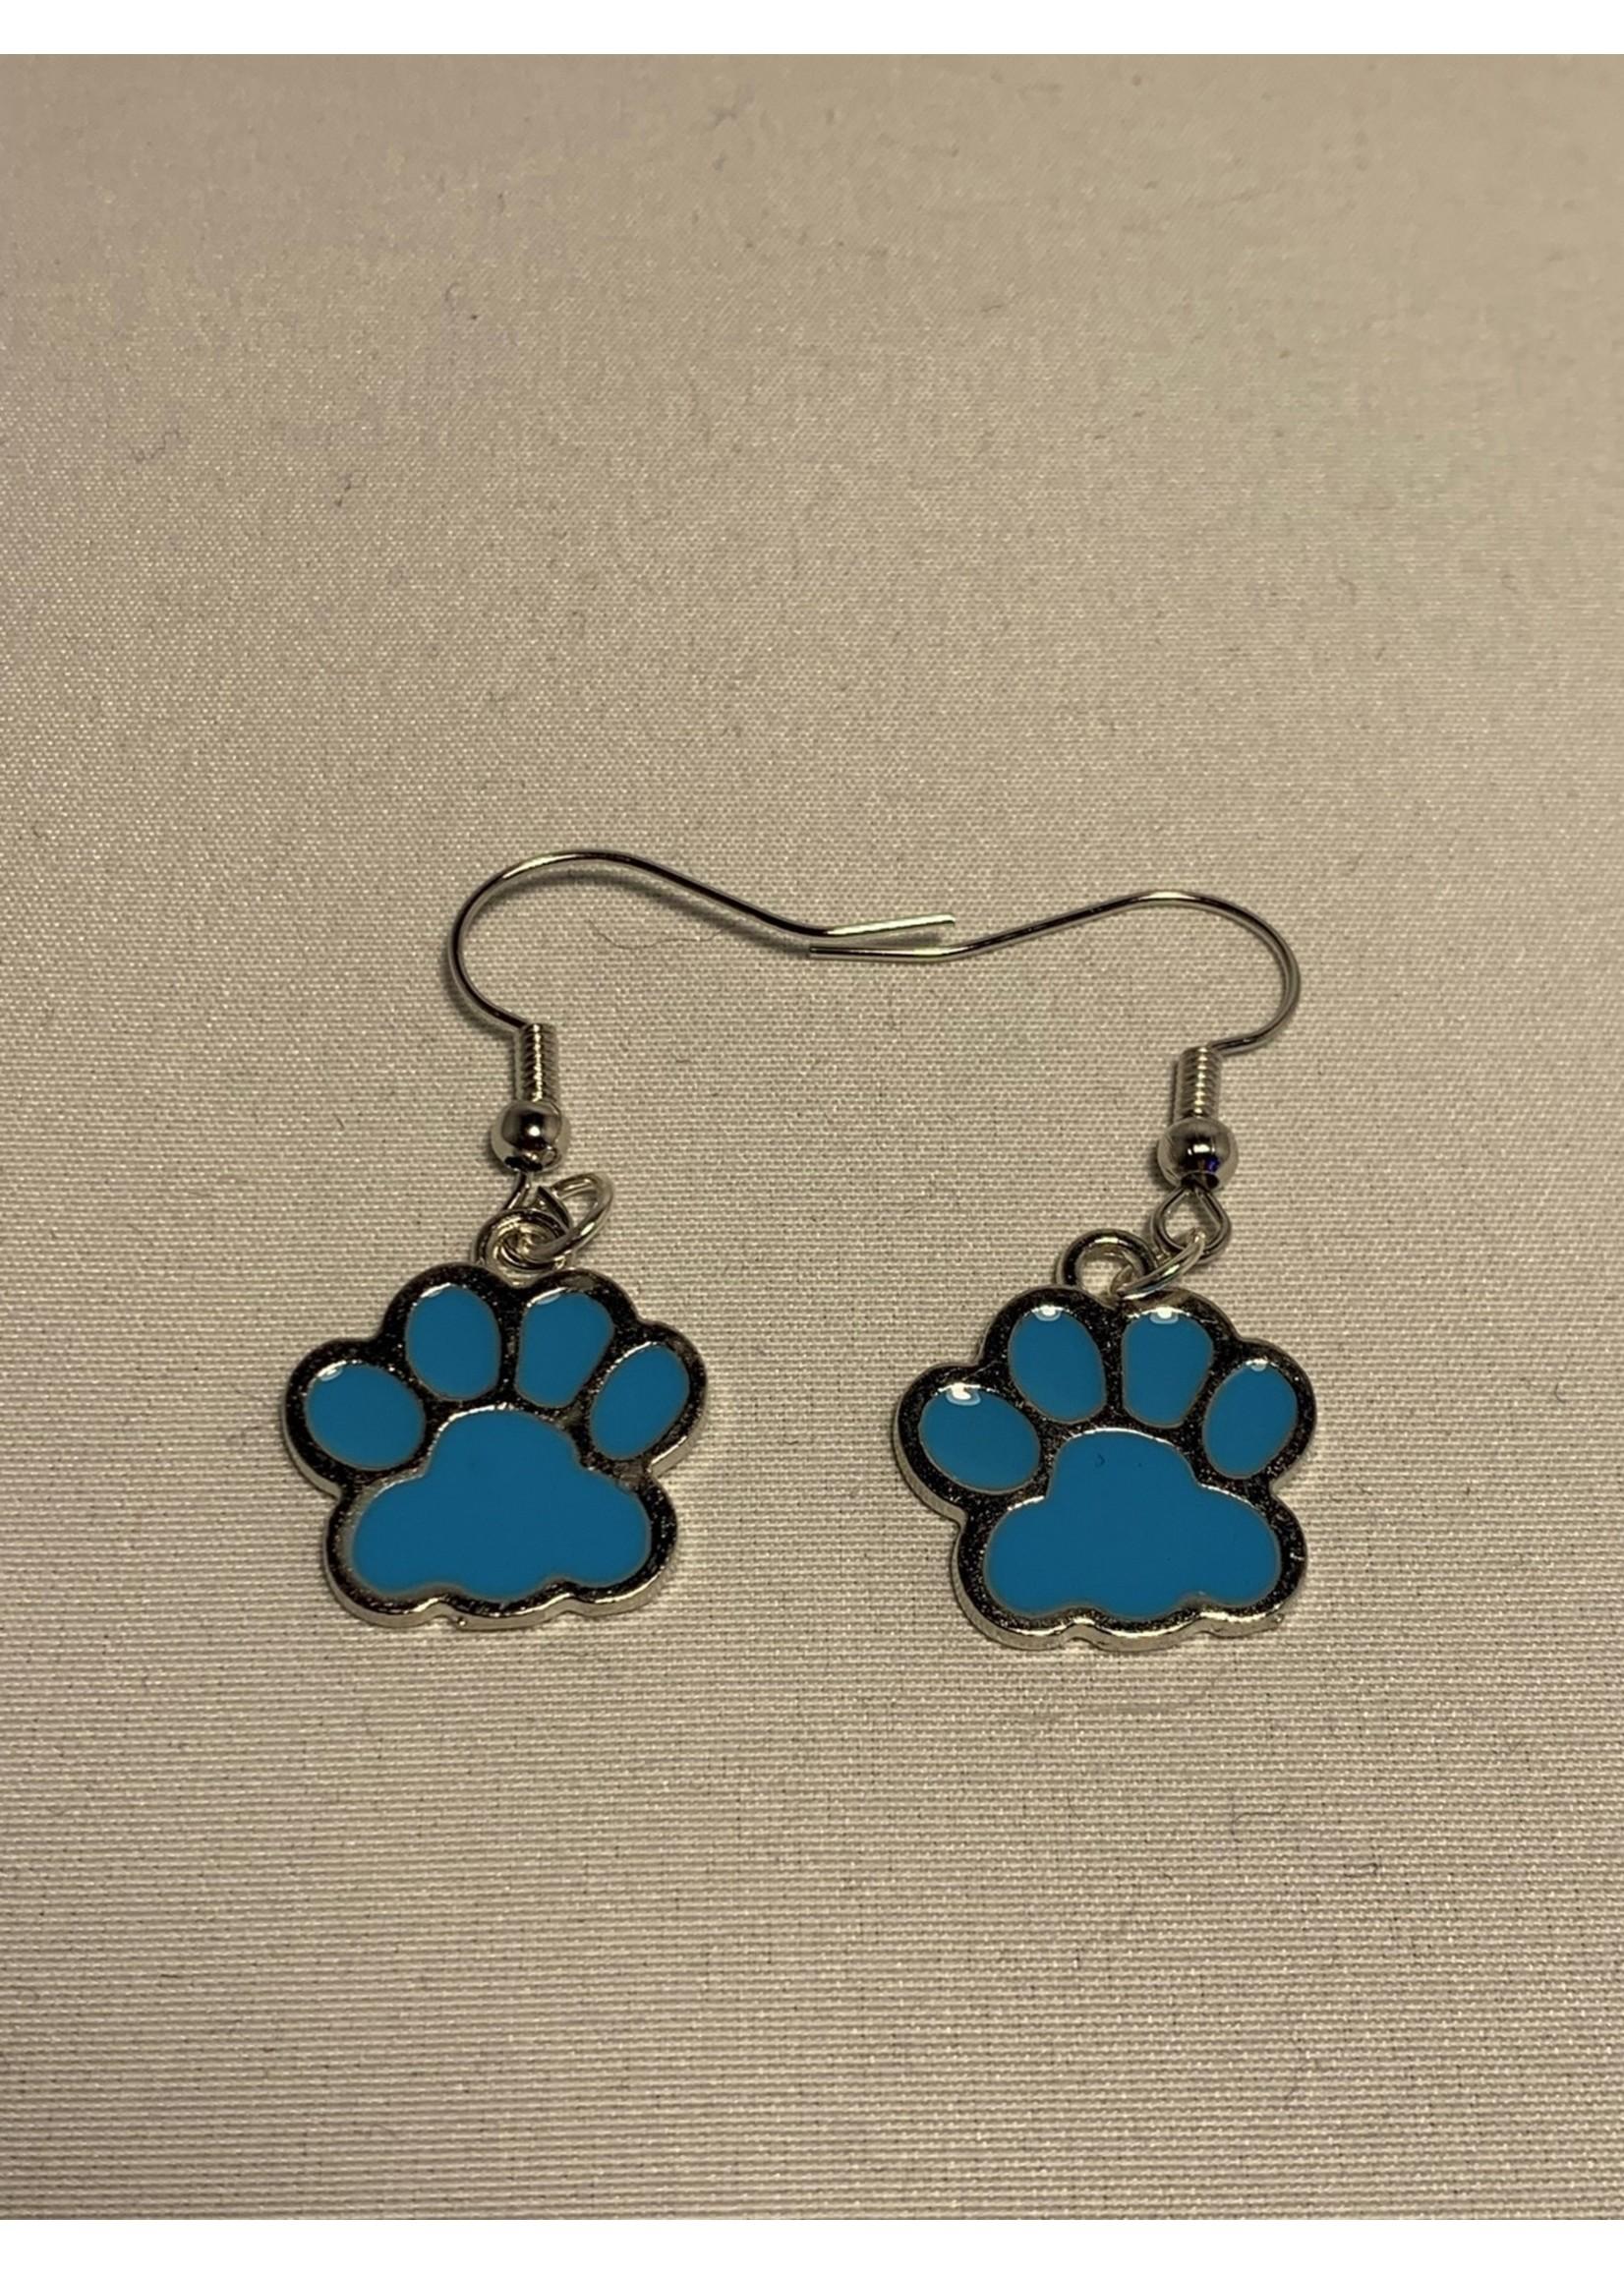 Earrings Blue Paw Prints